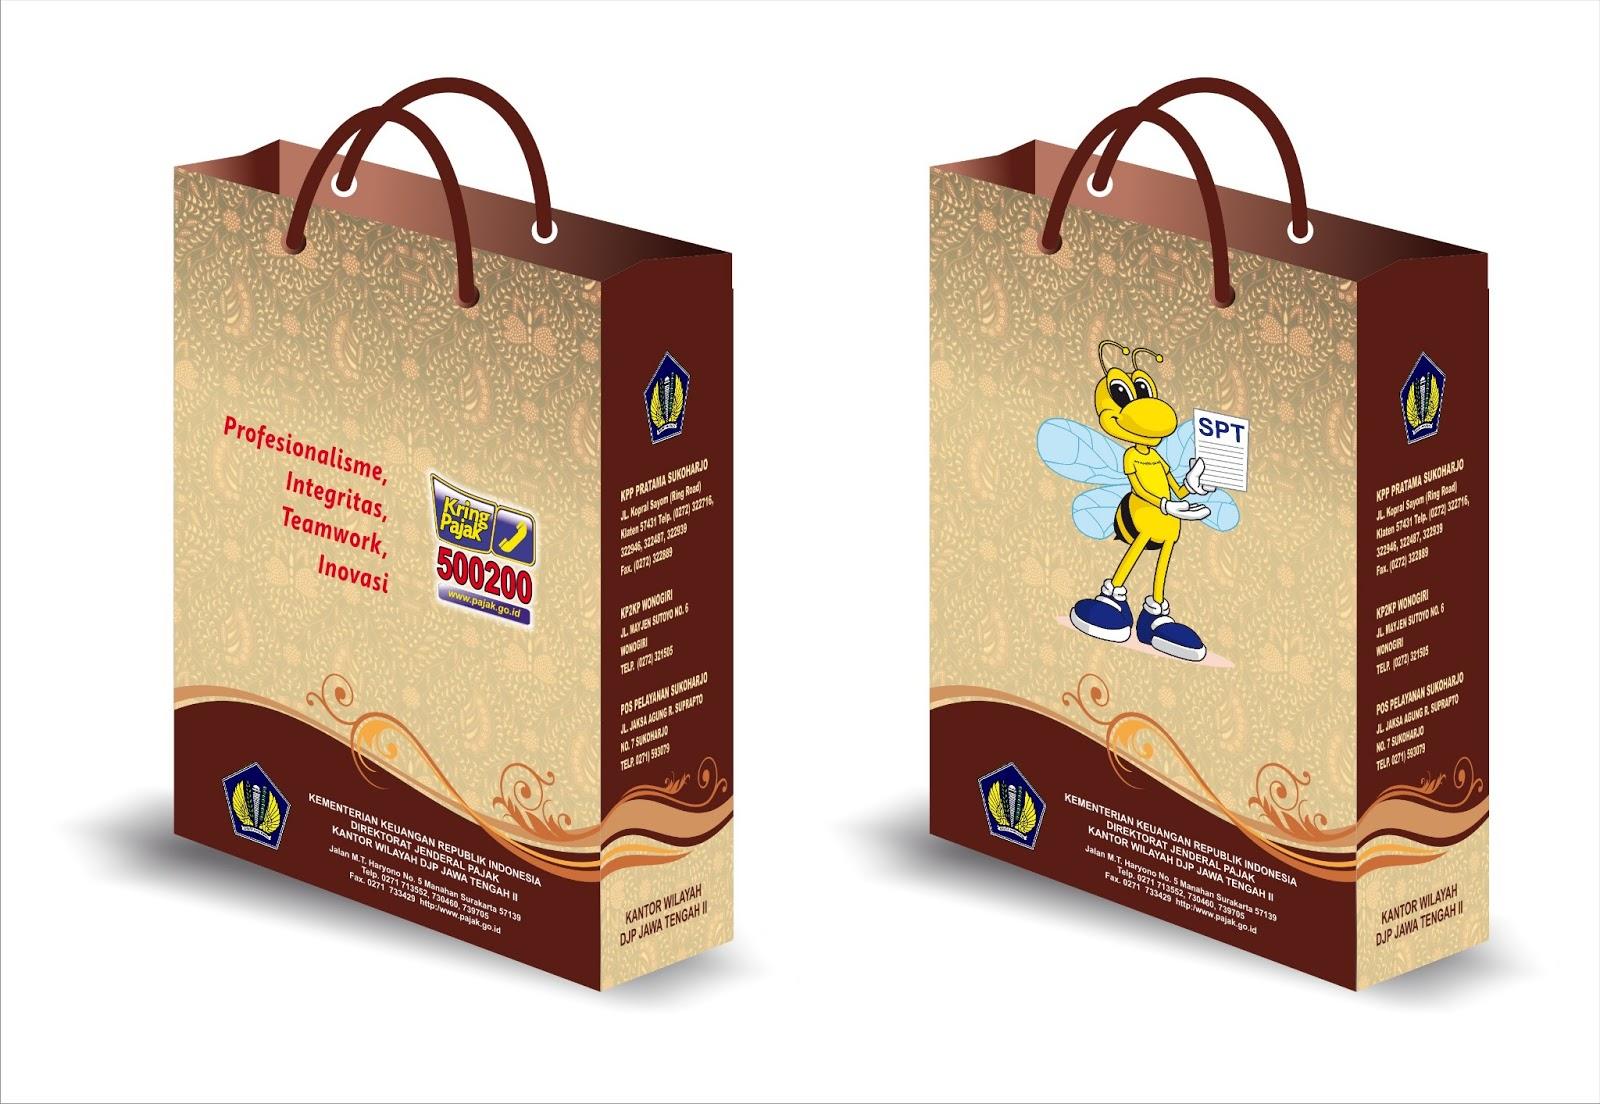 Desain Paper Bag Pajak - Cetak Brosur Jogja